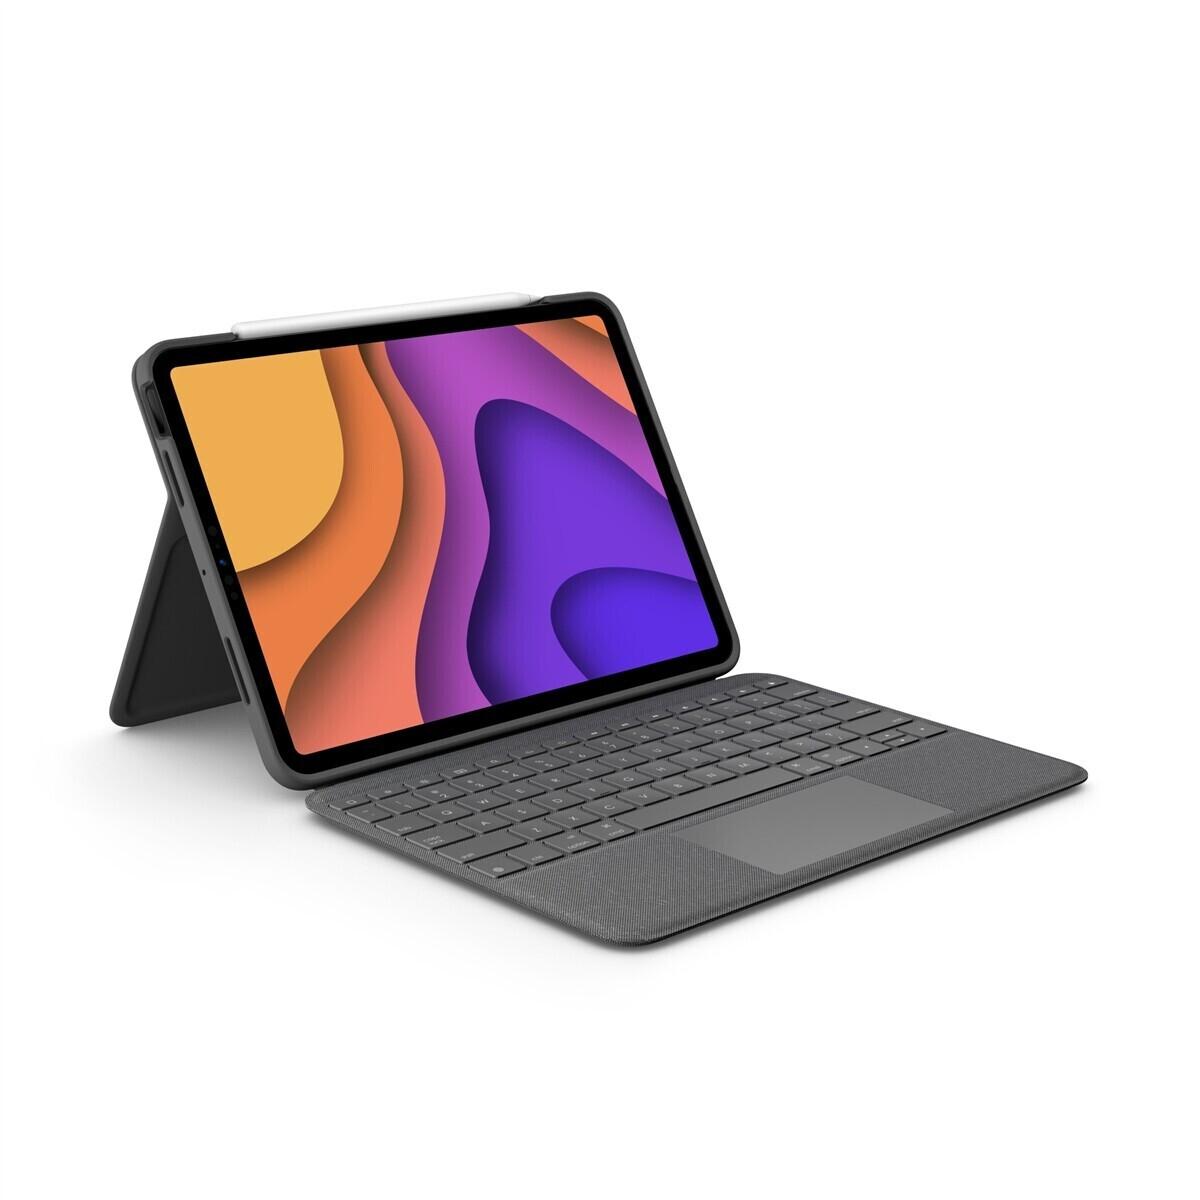 Étui de protection avec clavier pour tablette tactile Apple iPad Air 4 Logitech Folio Touch